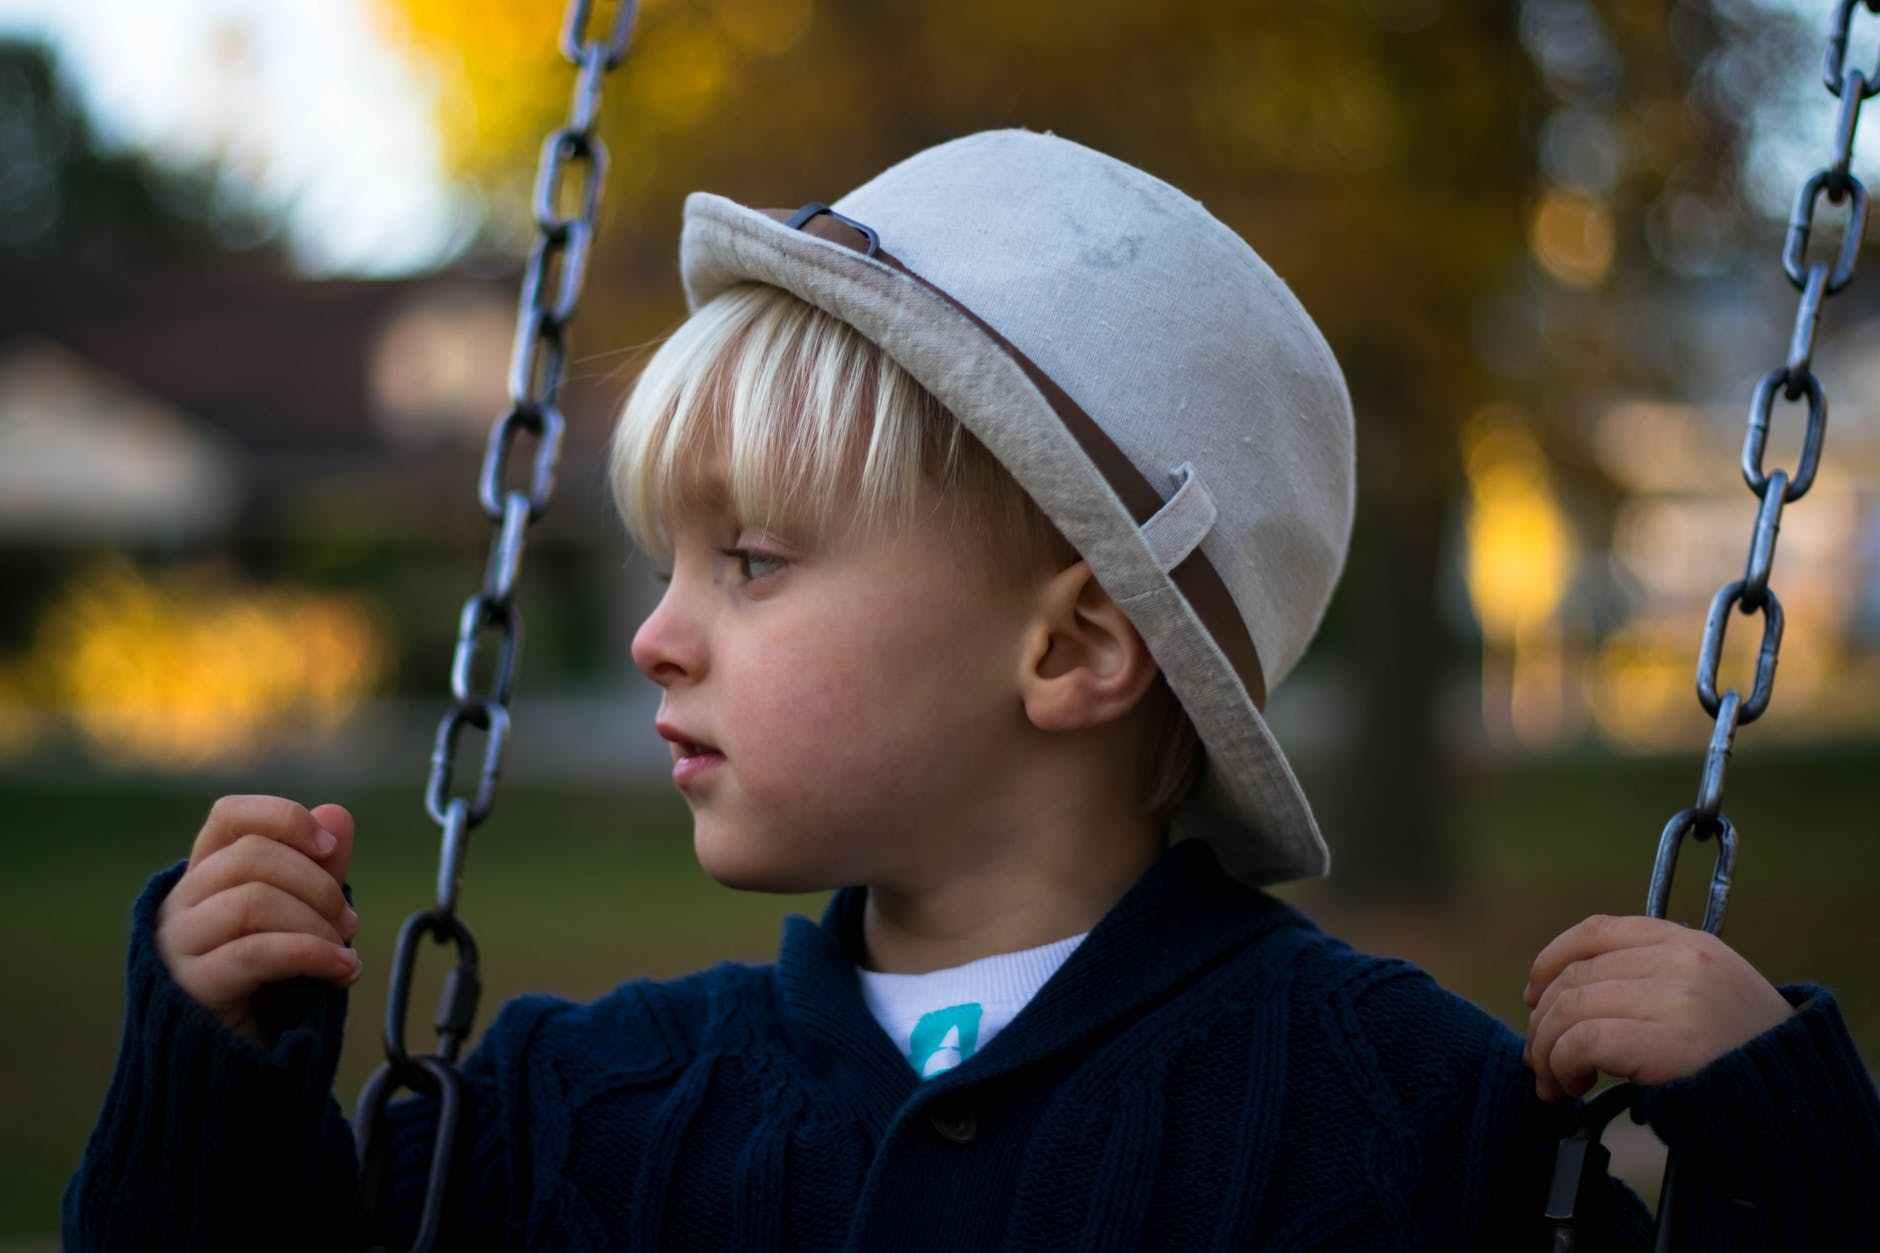 「孩子經常被欺負還不還手?你是不是傻啊?」試試這樣教育孩子